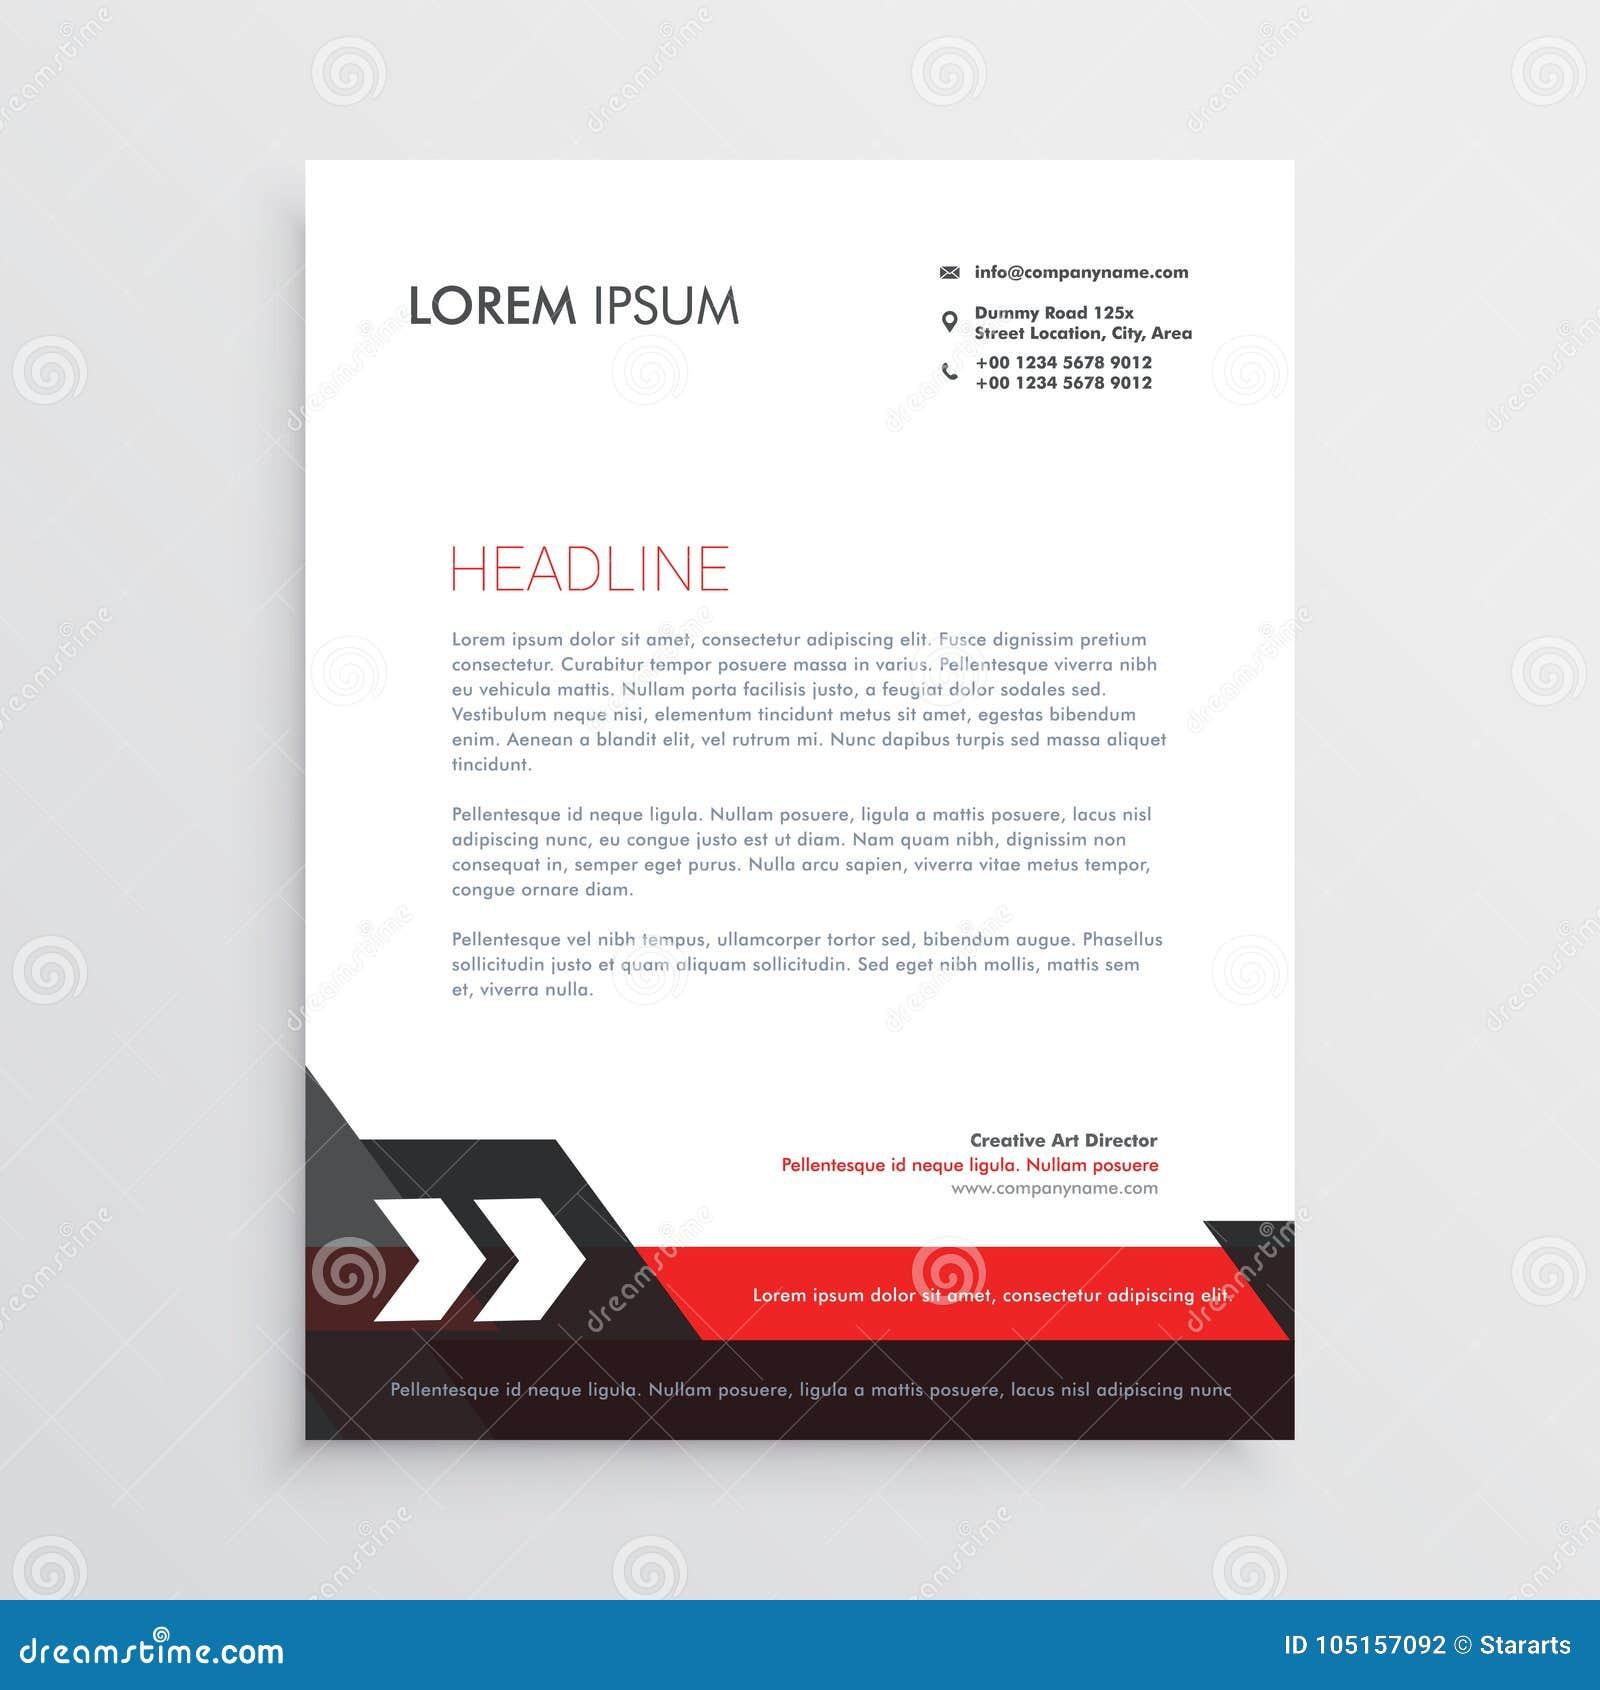 Diseño Negro Rojo De La Plantilla Del Papel Con Membrete Ilustración ...